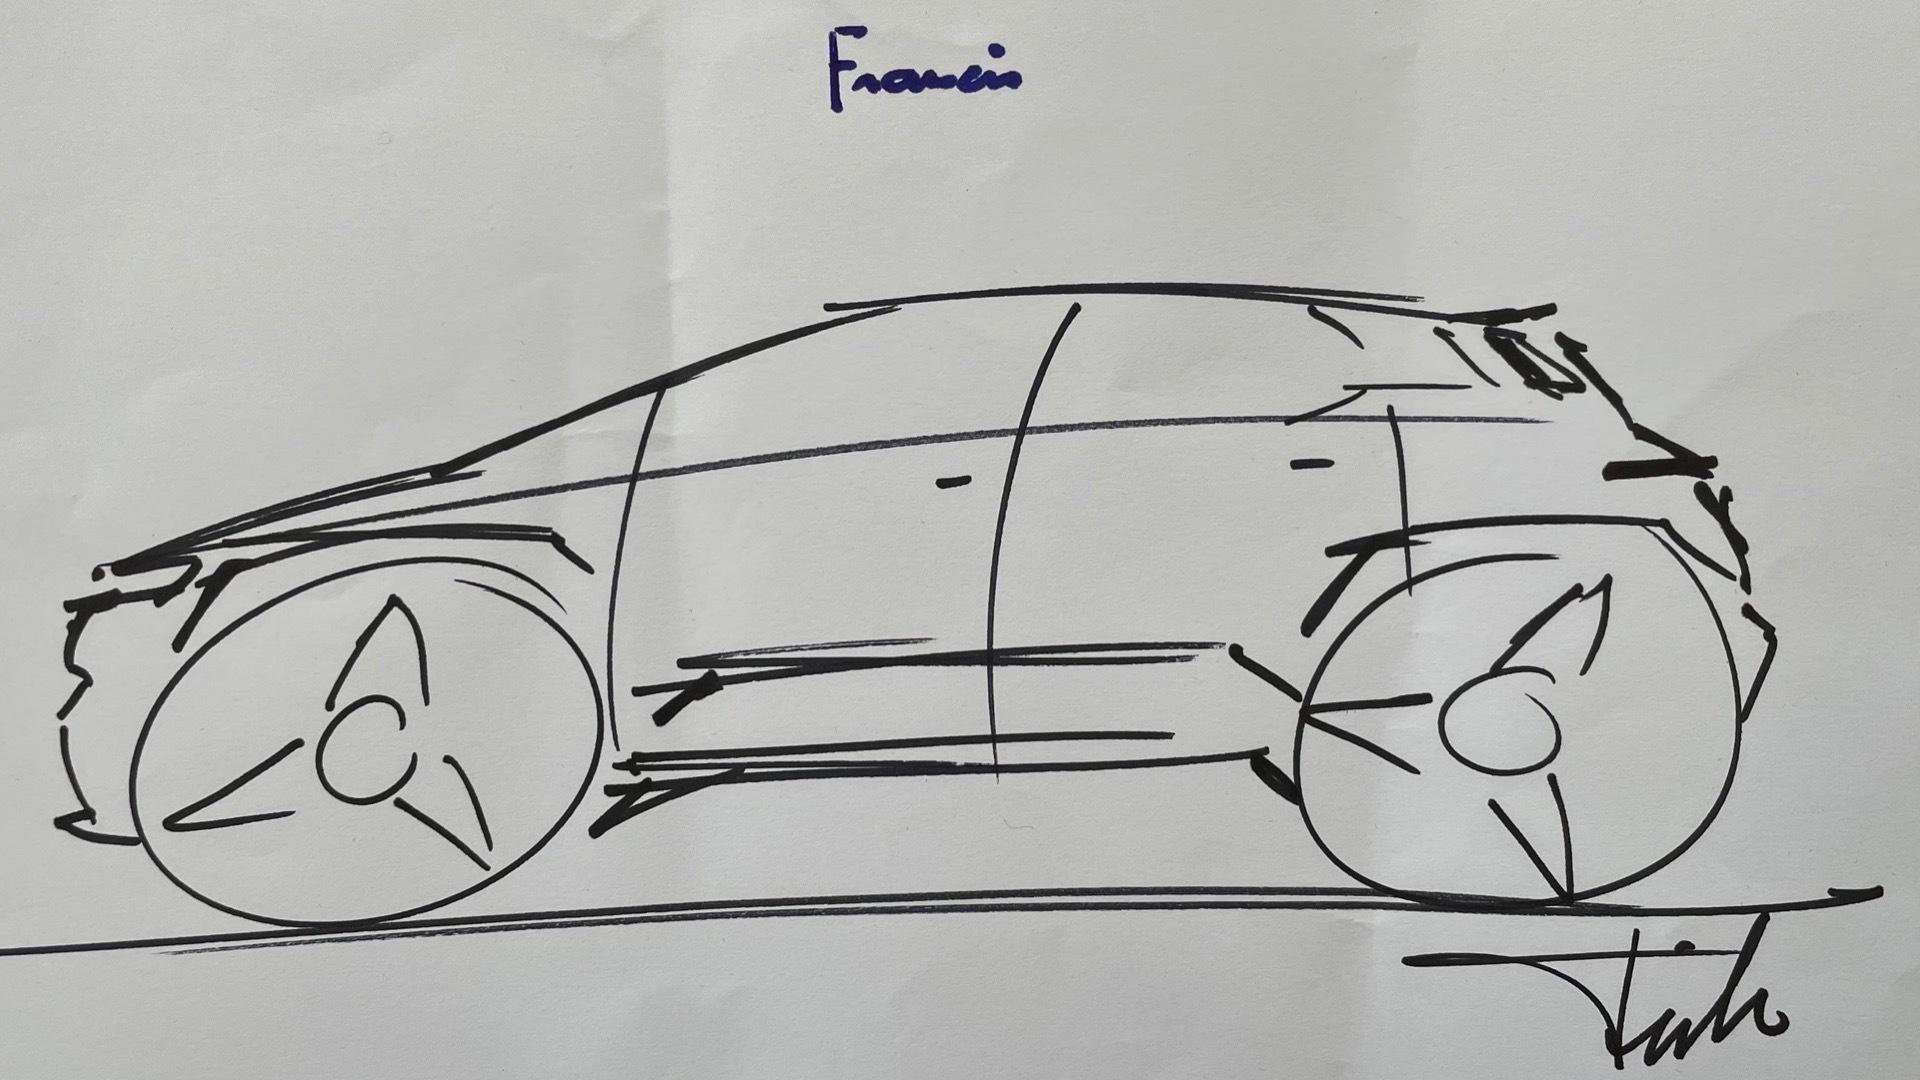 Henrik Fisker sketch signed by Pope Francis